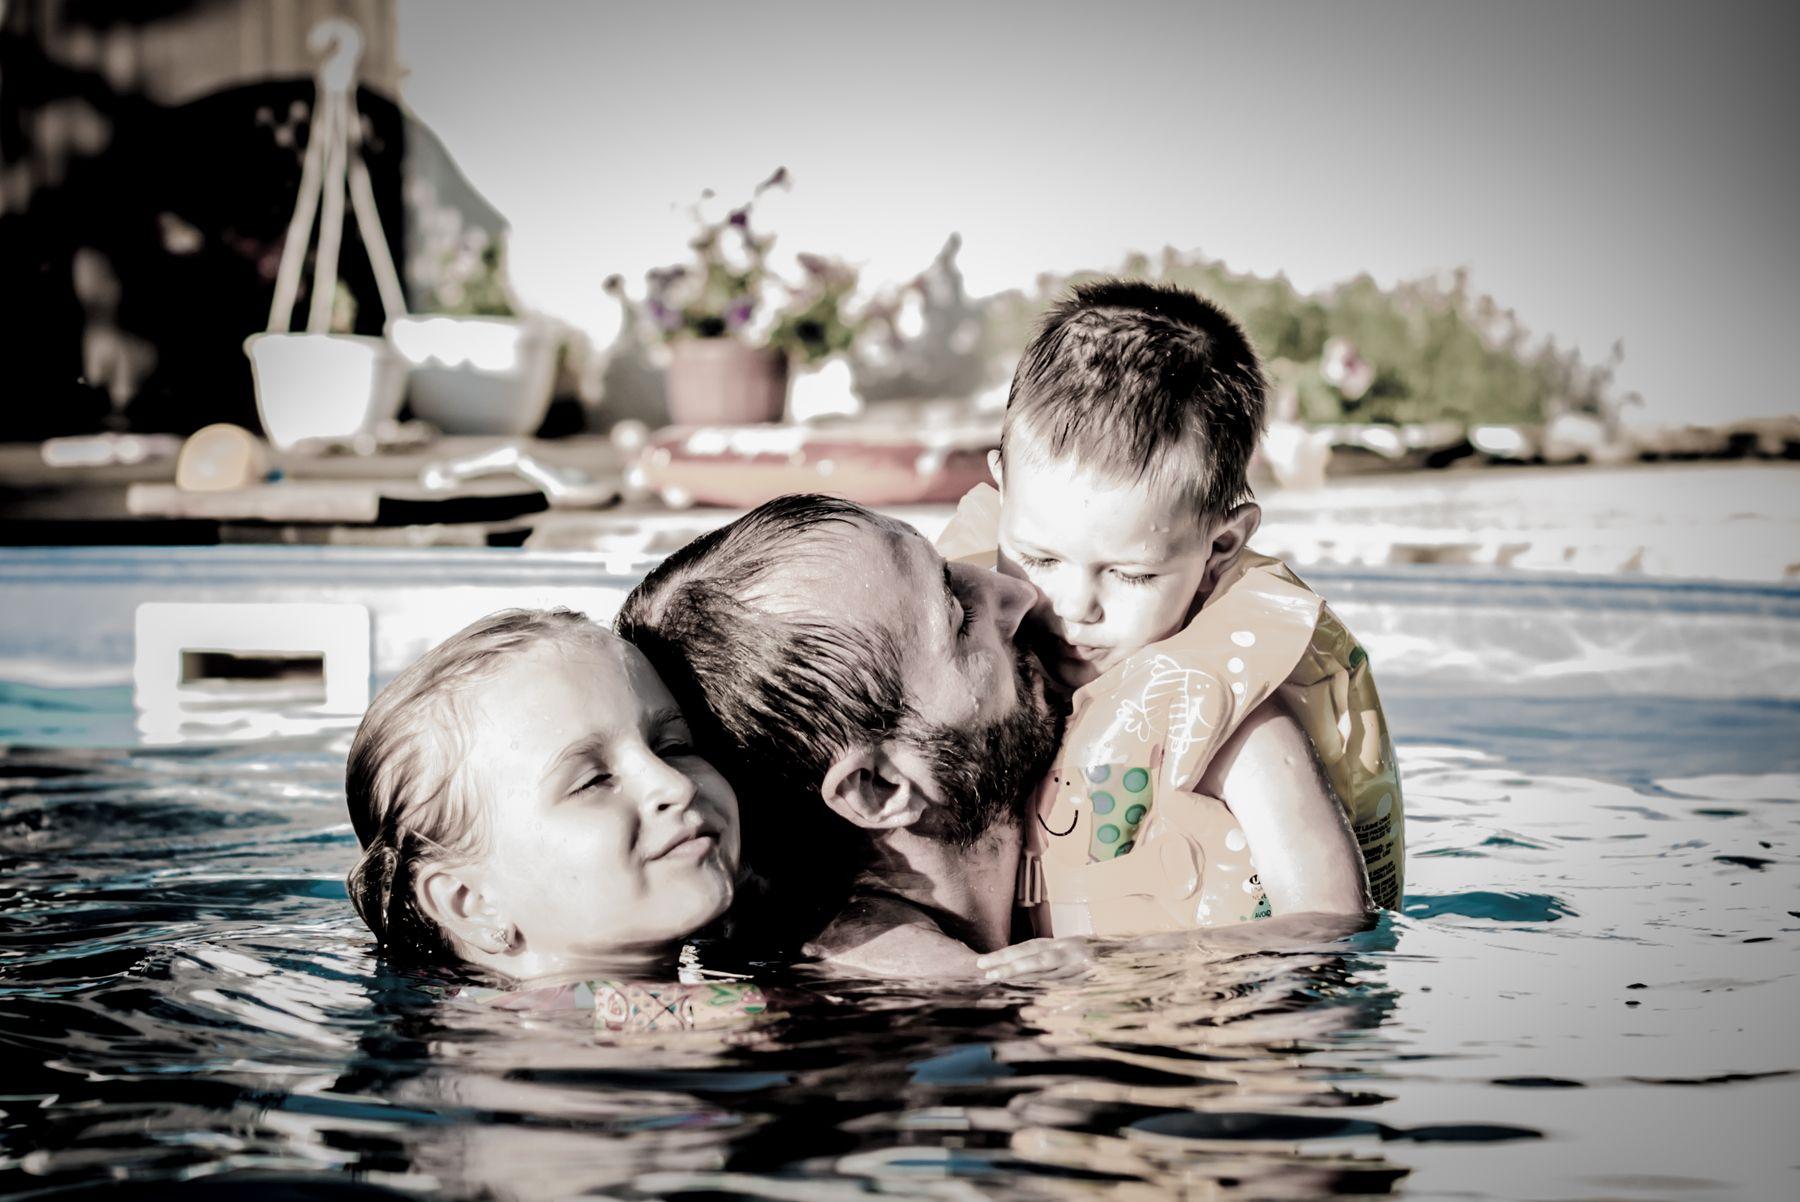 Отец и дети отец бассейн дети лето жара прохладная вода семейный отдых